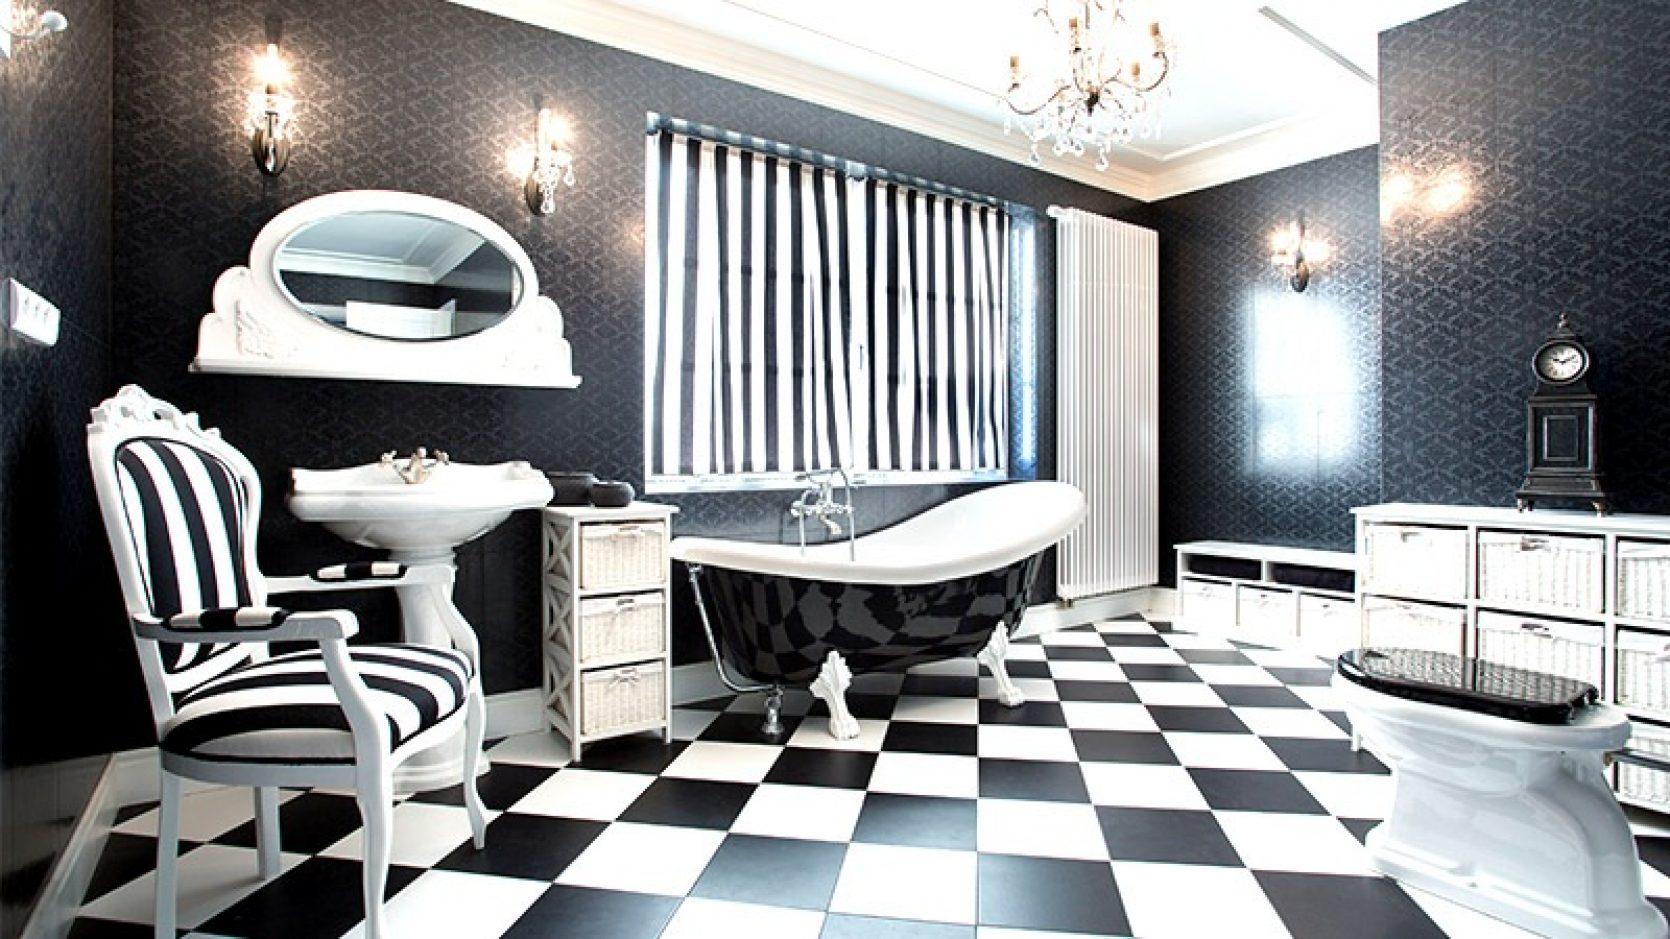 Baderom i svart og hvitt, gulvfliser i sjakkmønster og stripete gardiner.